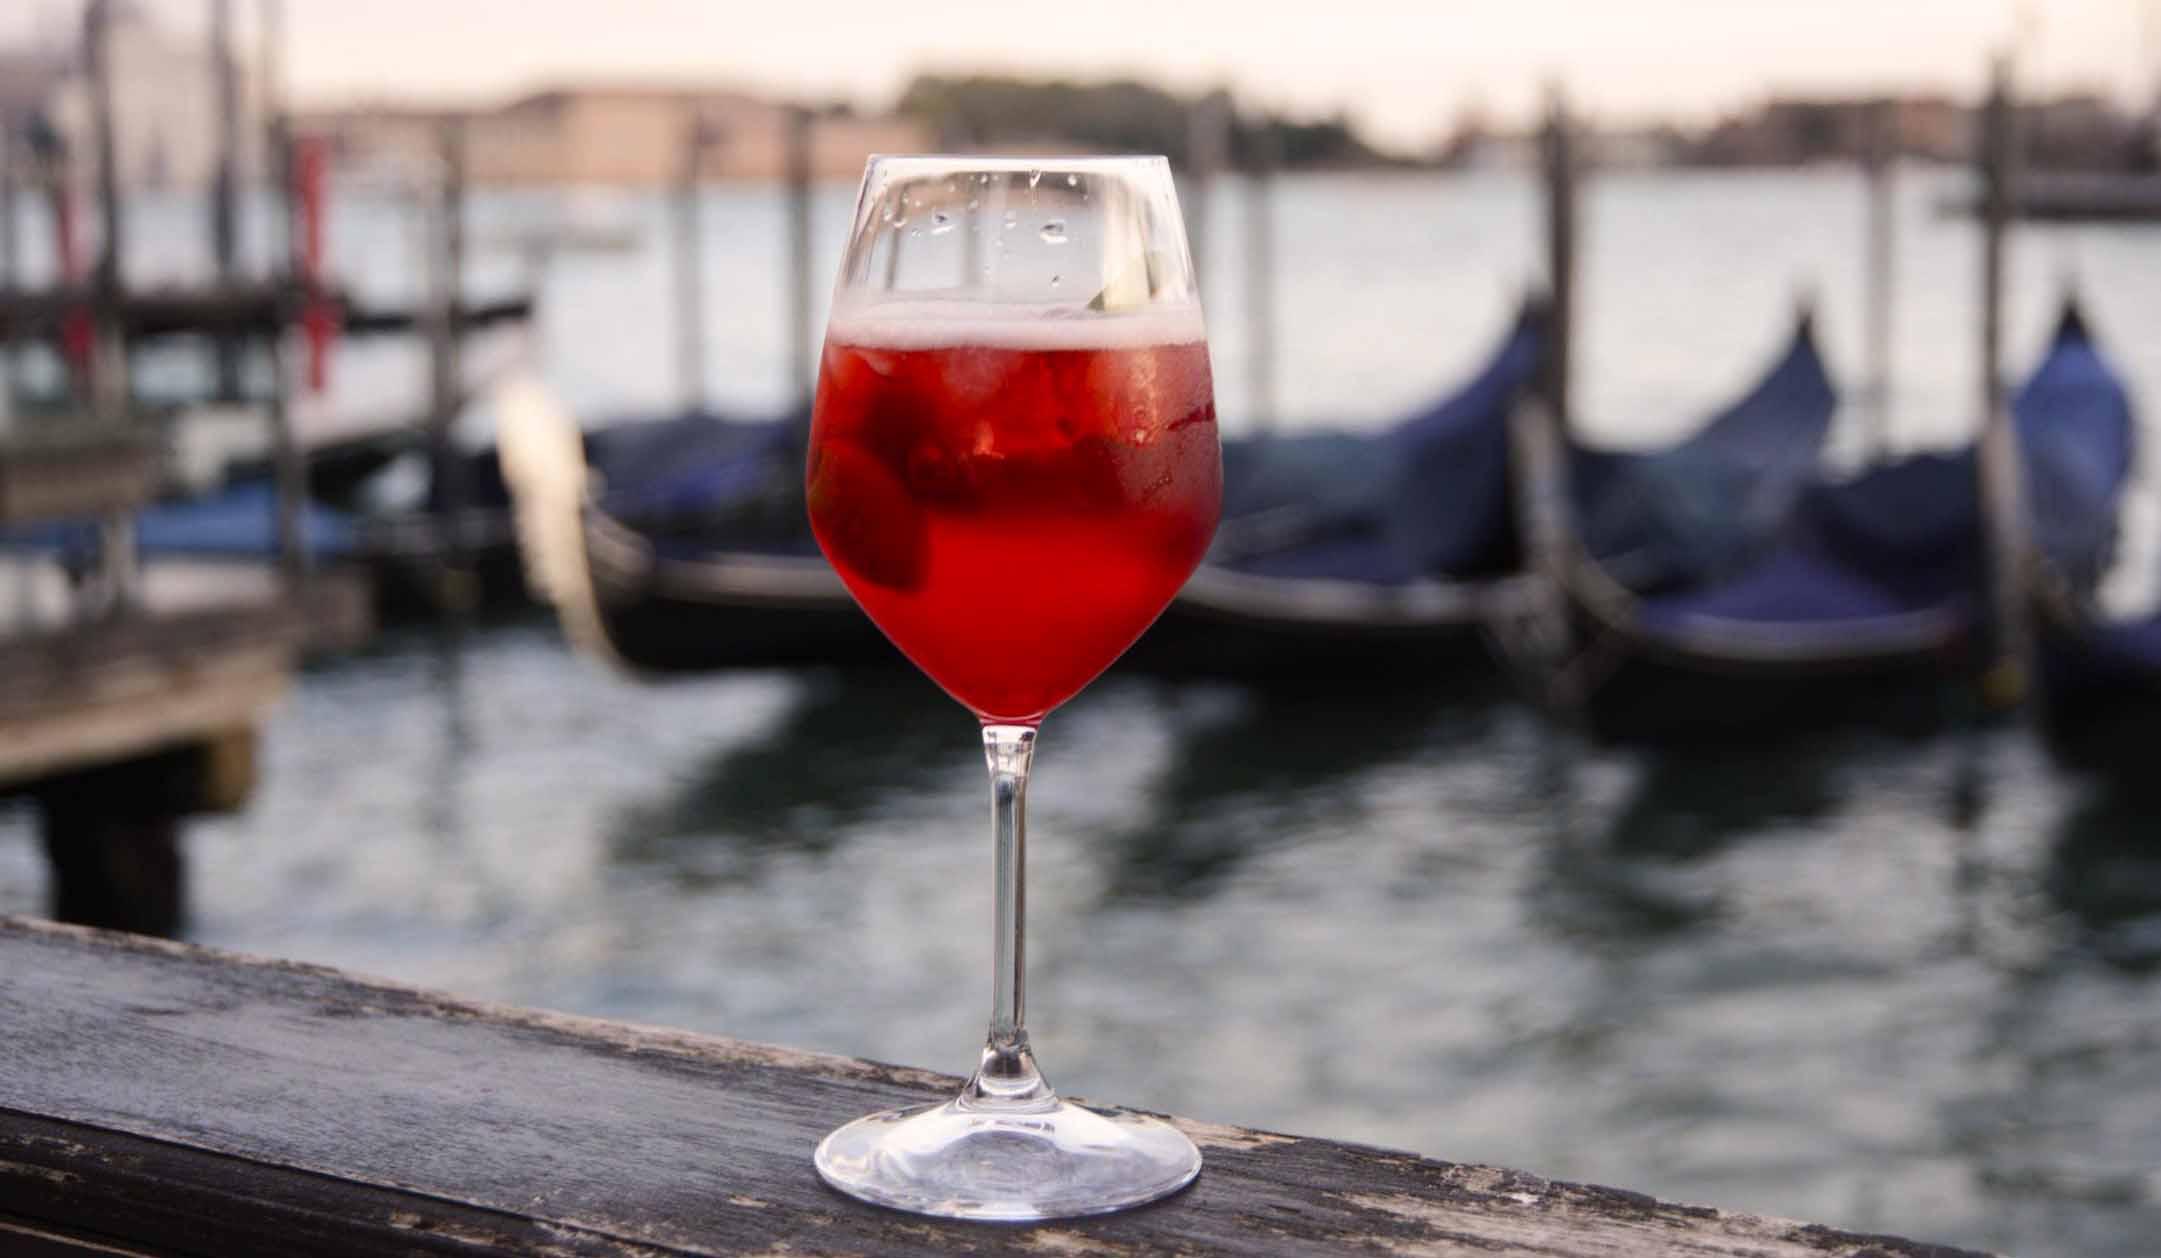 スパークリングワイン「プロセッコ・カクテル」